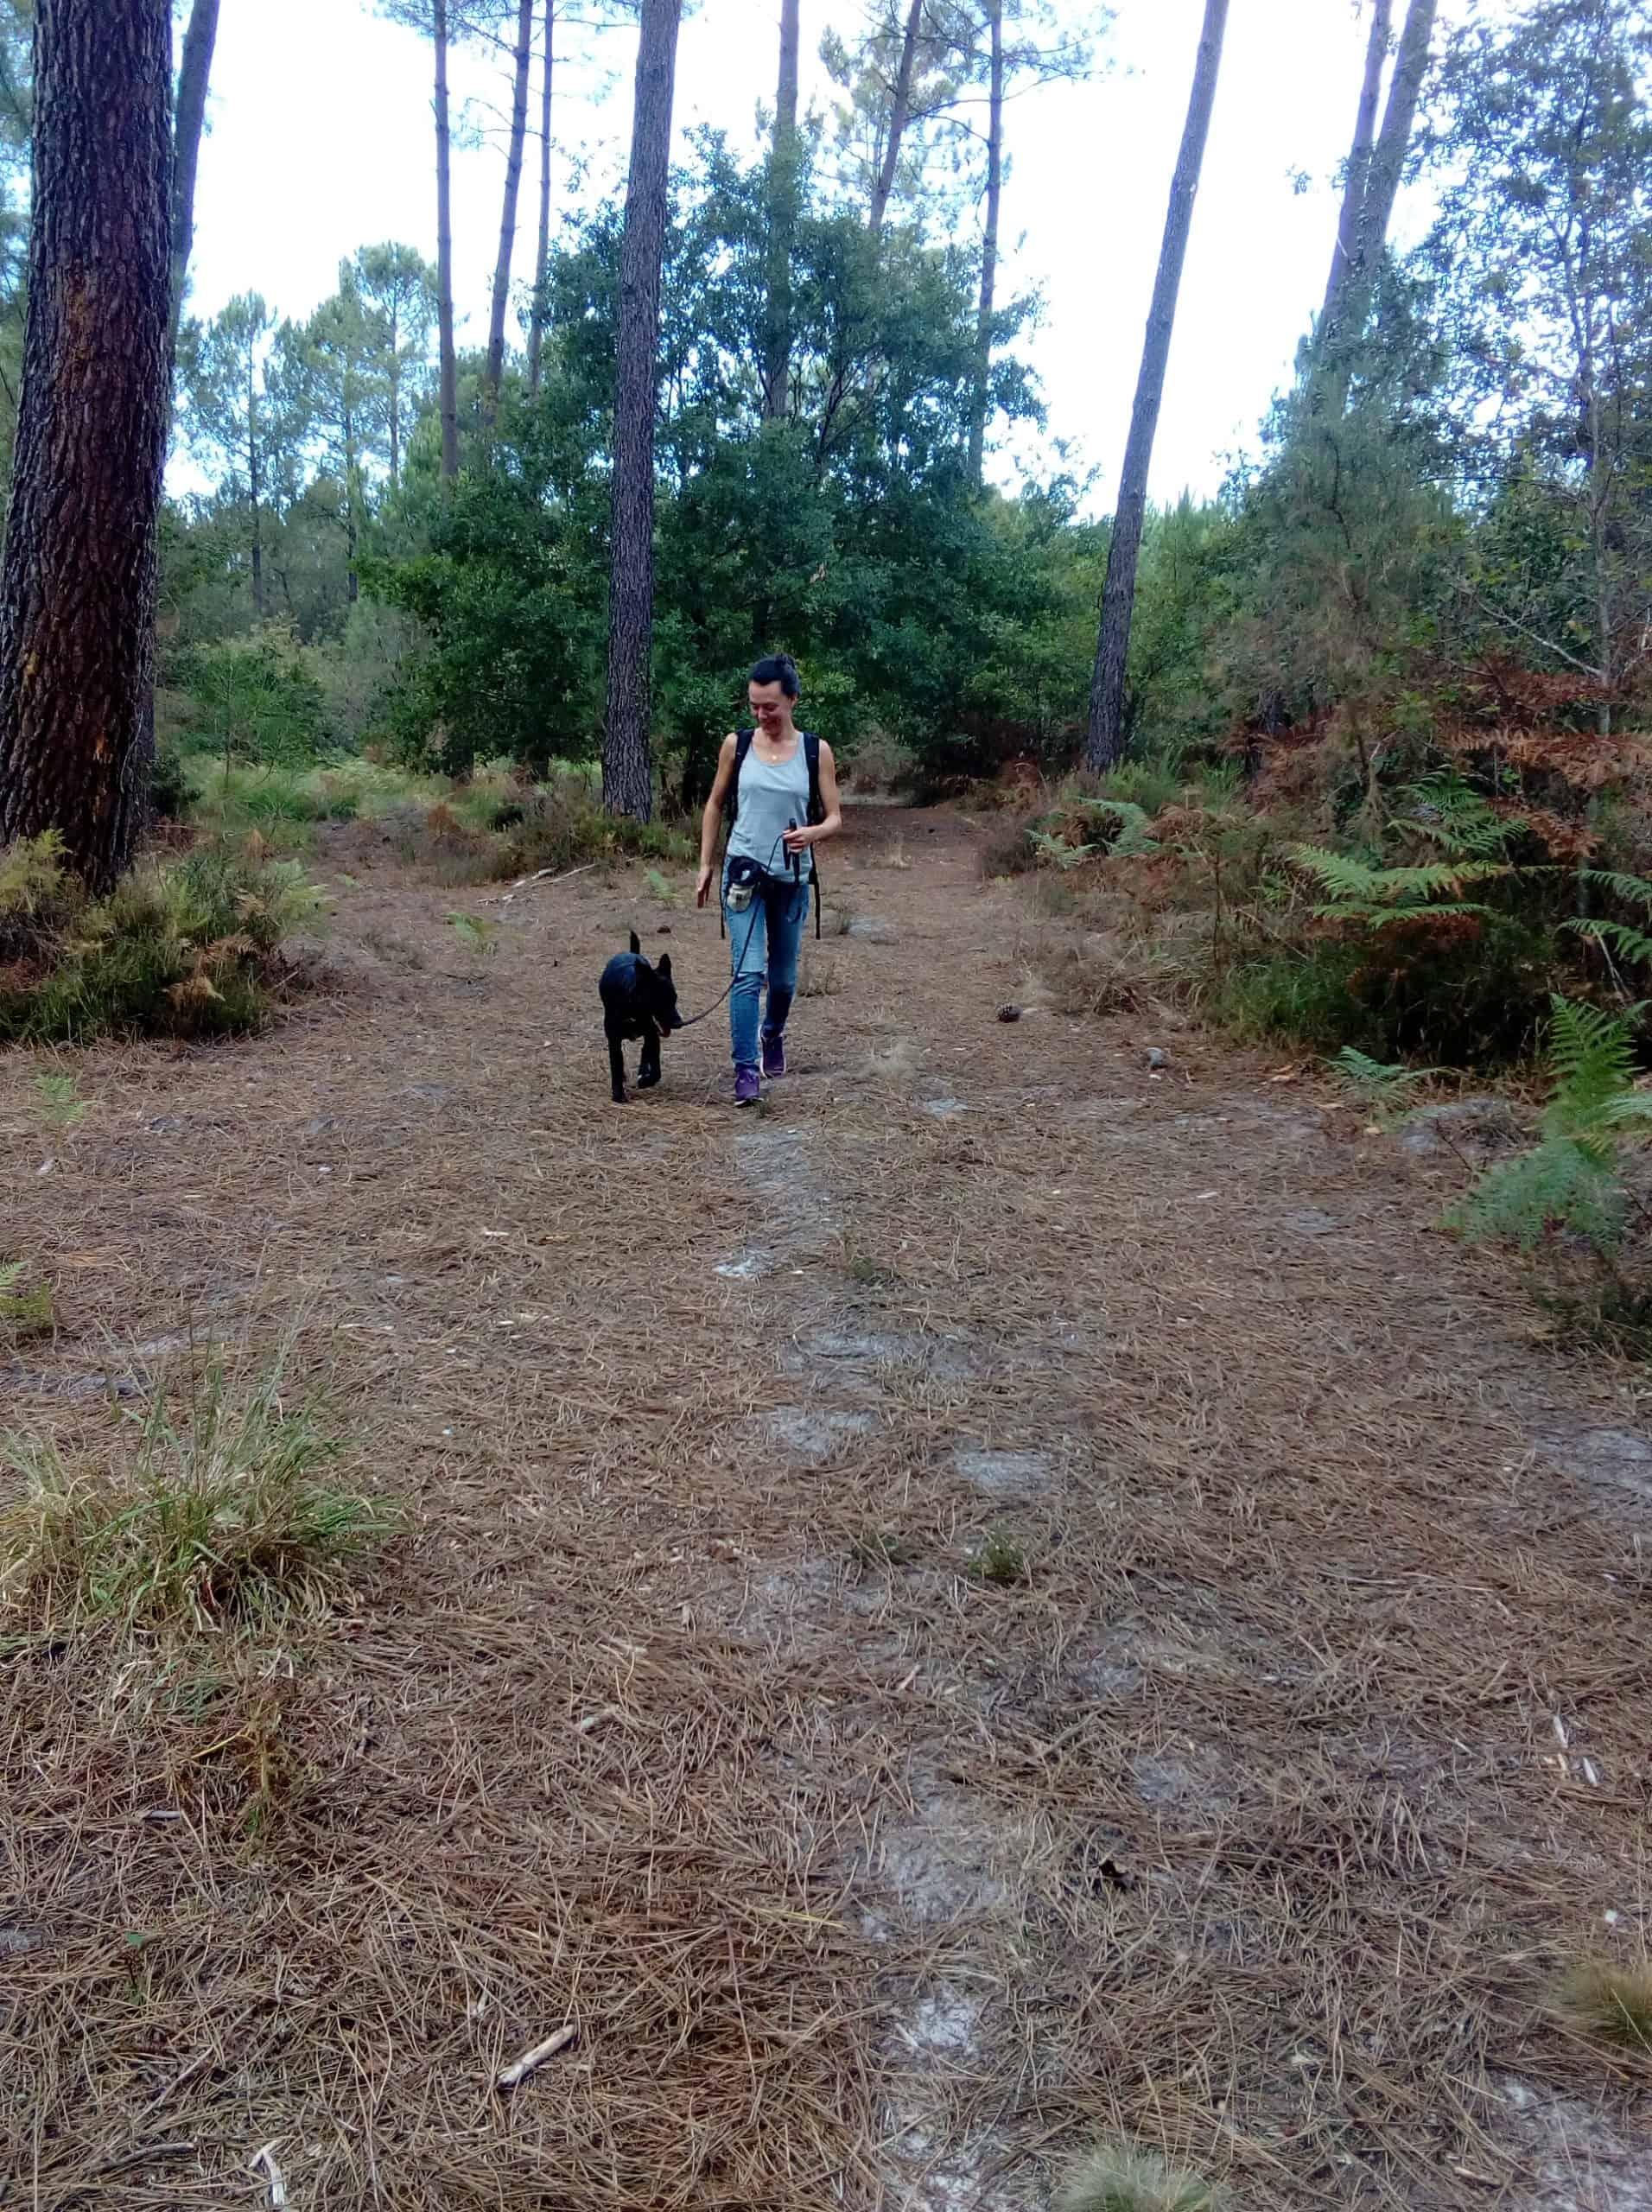 Céline Guillou, en train de se promener, dans le cadre d'une éducation canine.